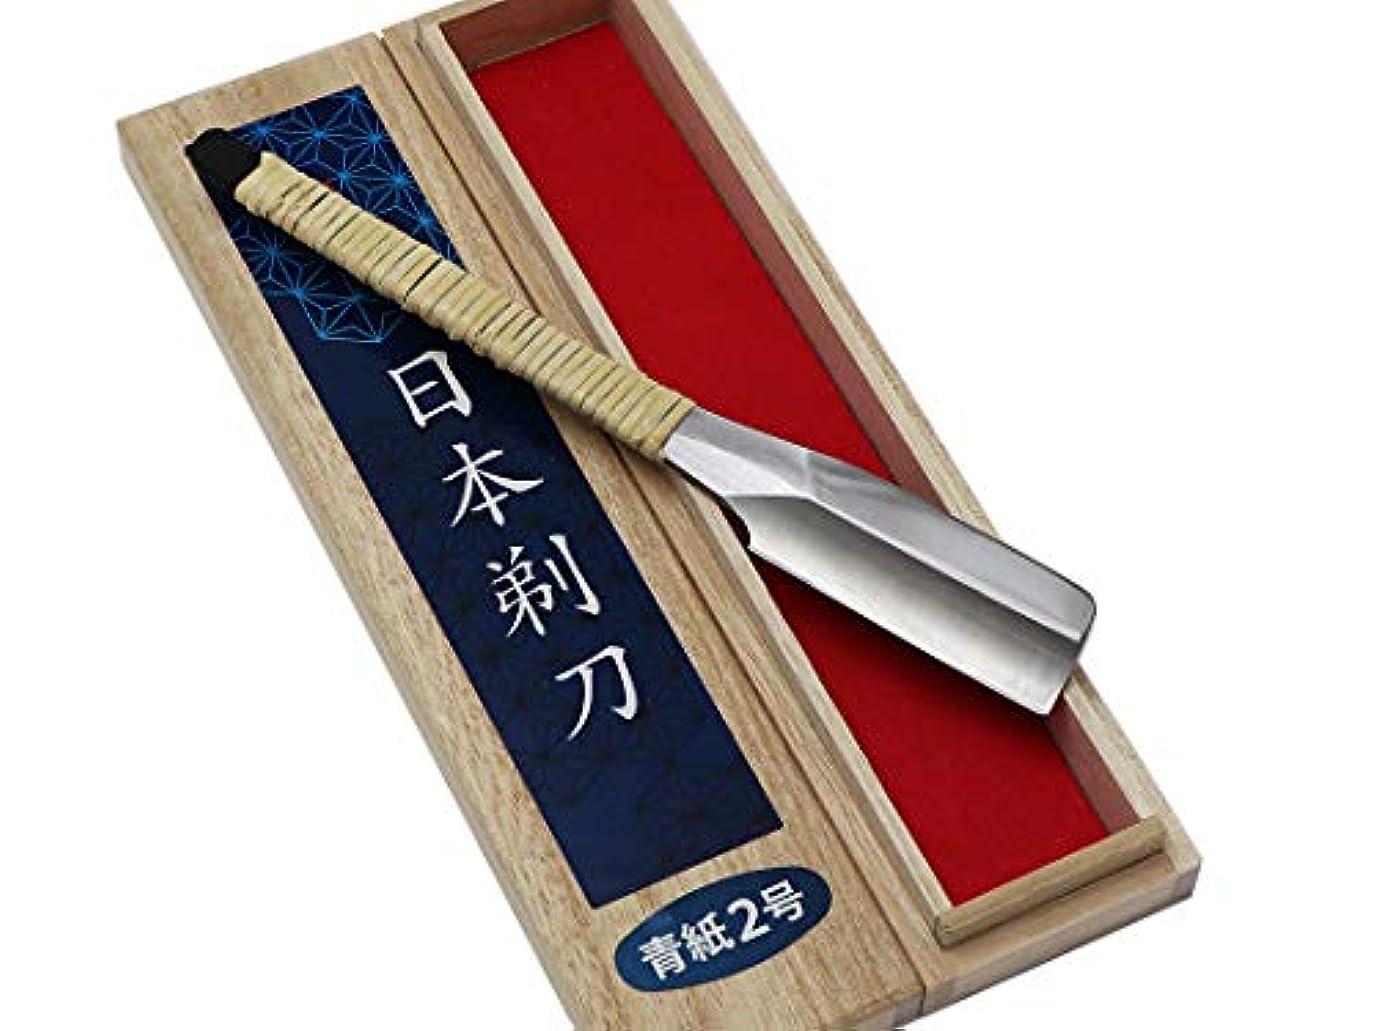 人道的欺く配送播州打ち刃物 兼長作 日本剃刀(にほんかみそり) 青二鋼 桐箱入